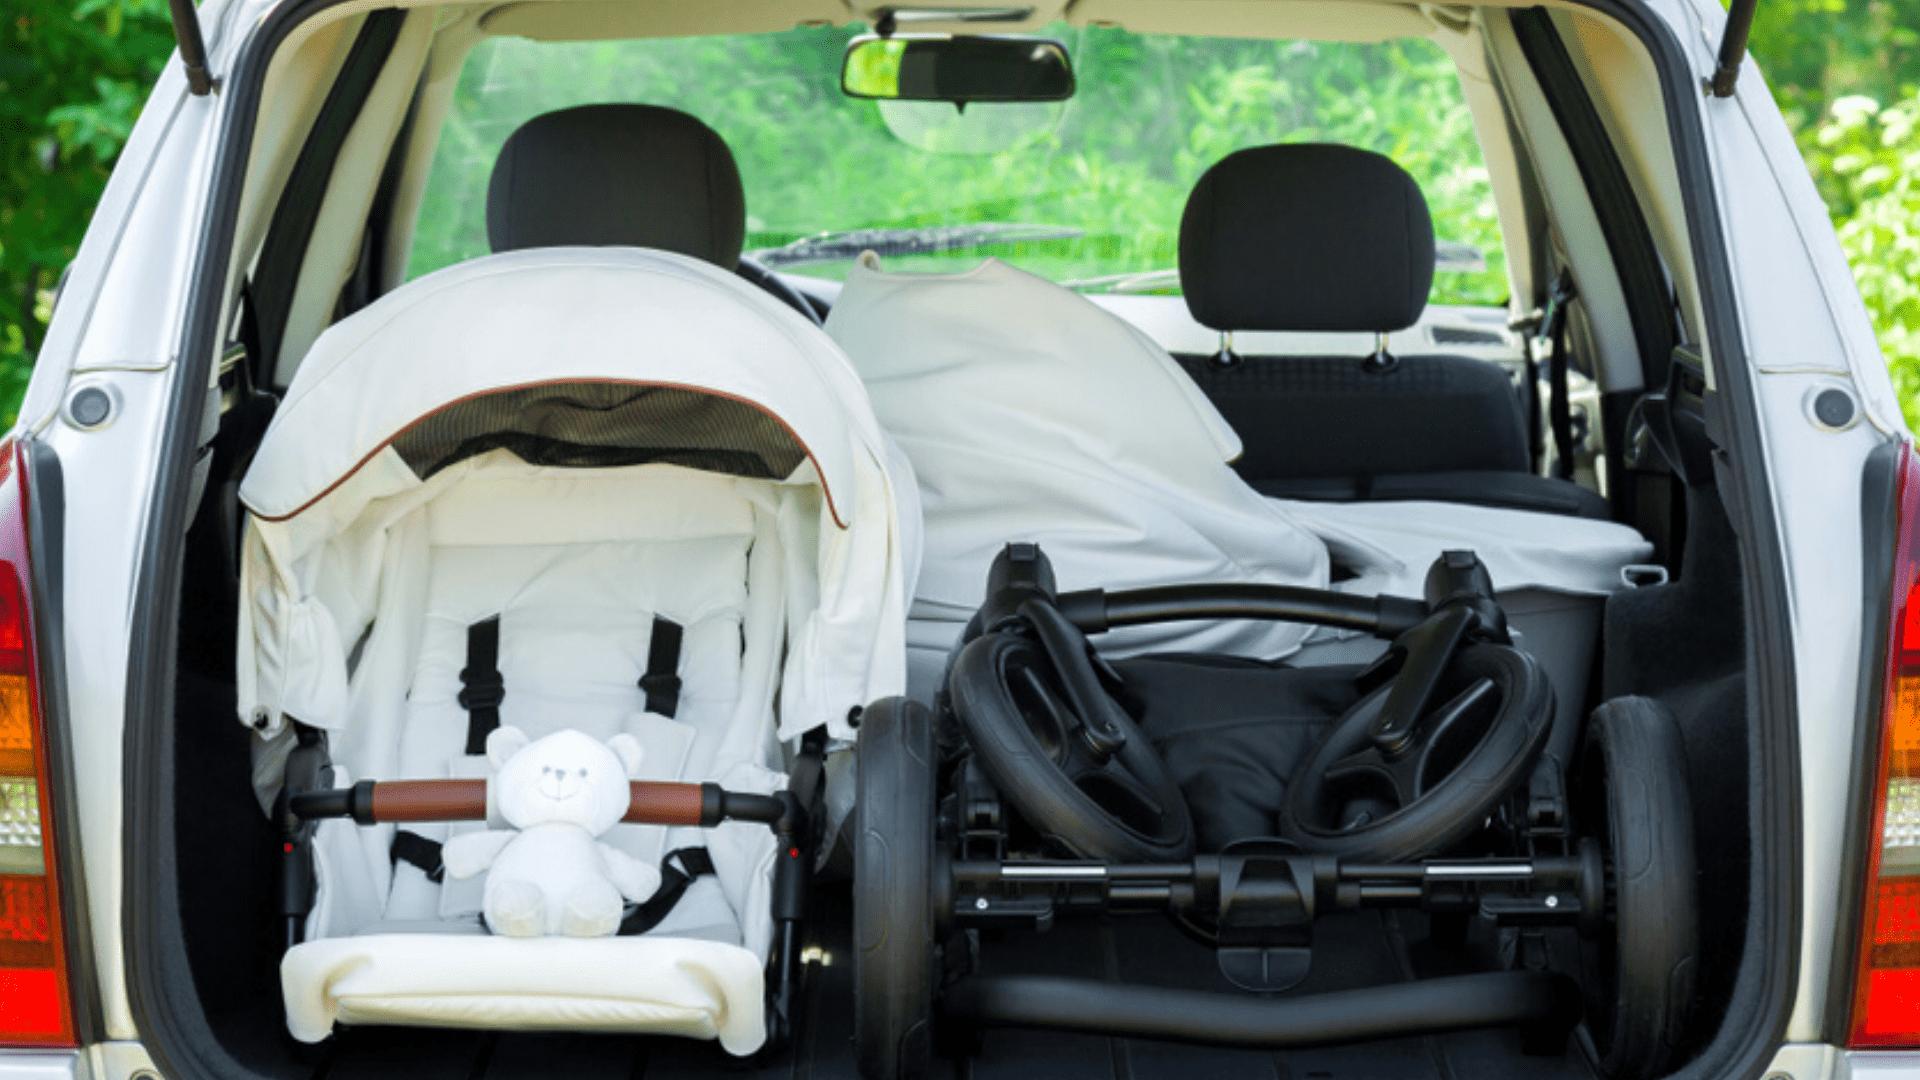 Veja o que significa o sistema Travel System, o bebê conforto e o moisés (Imagem: Reprodução/Shutterstock)